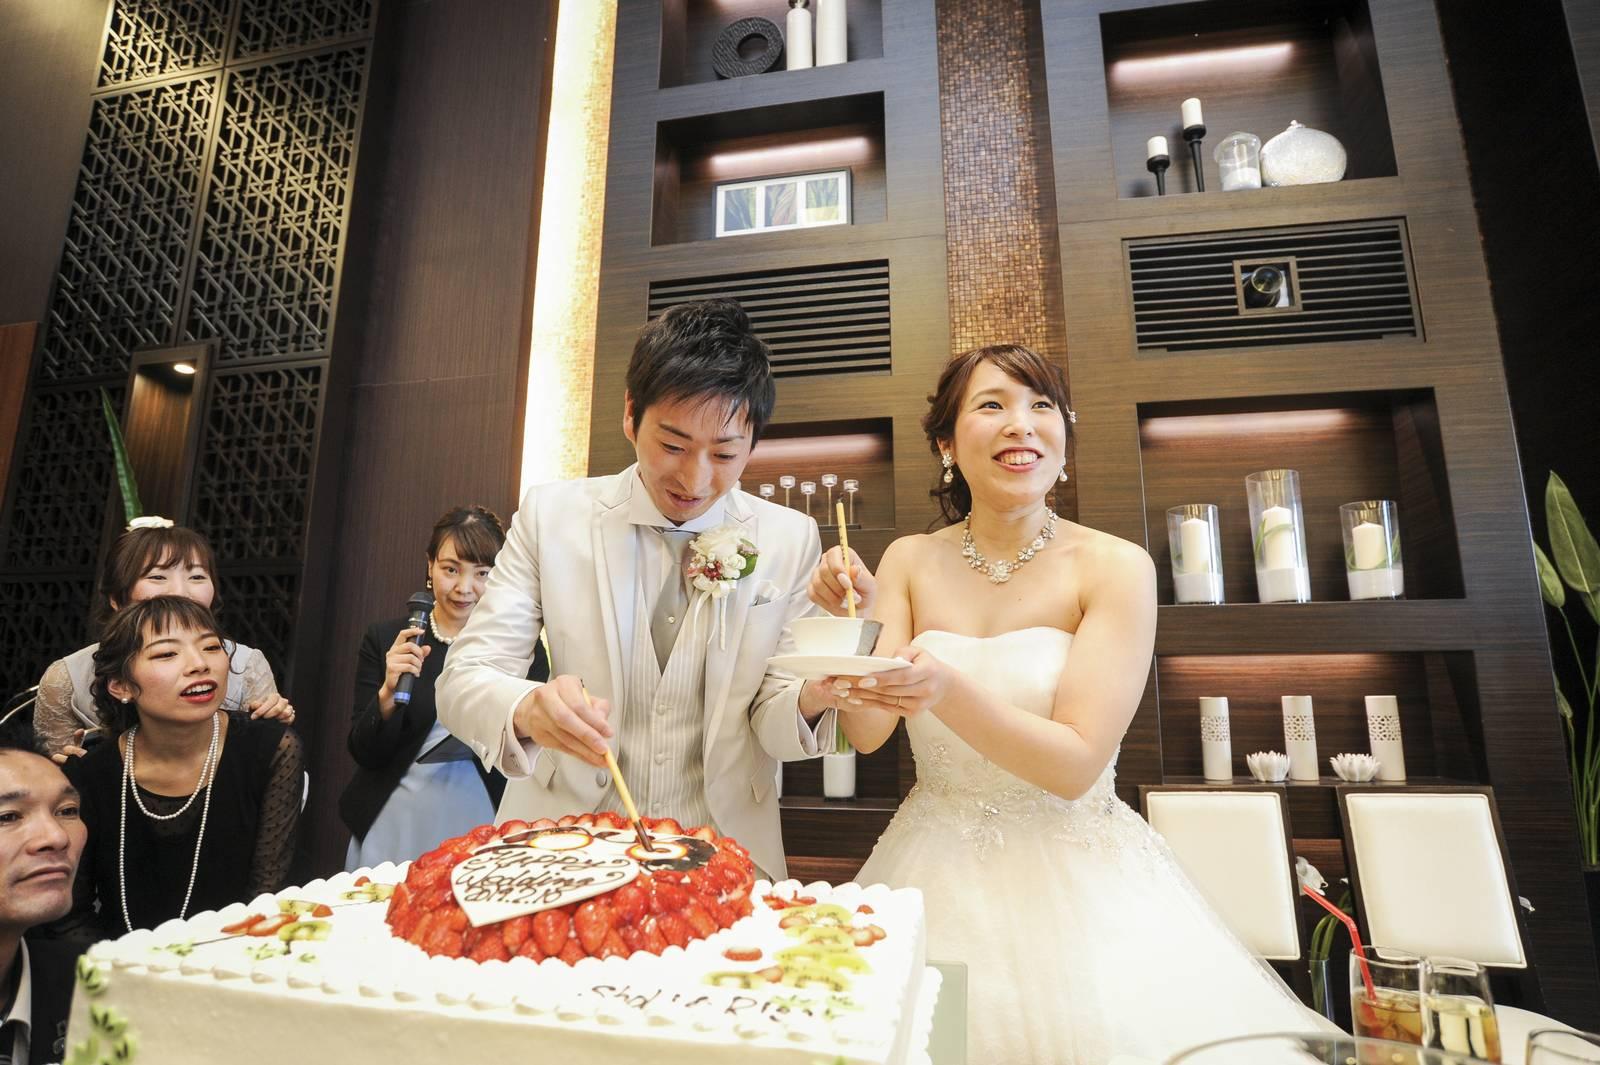 徳島市の結婚式場ブランアンジュで披露宴で新郎新婦様のこだわりのつまったウエディングケーキ